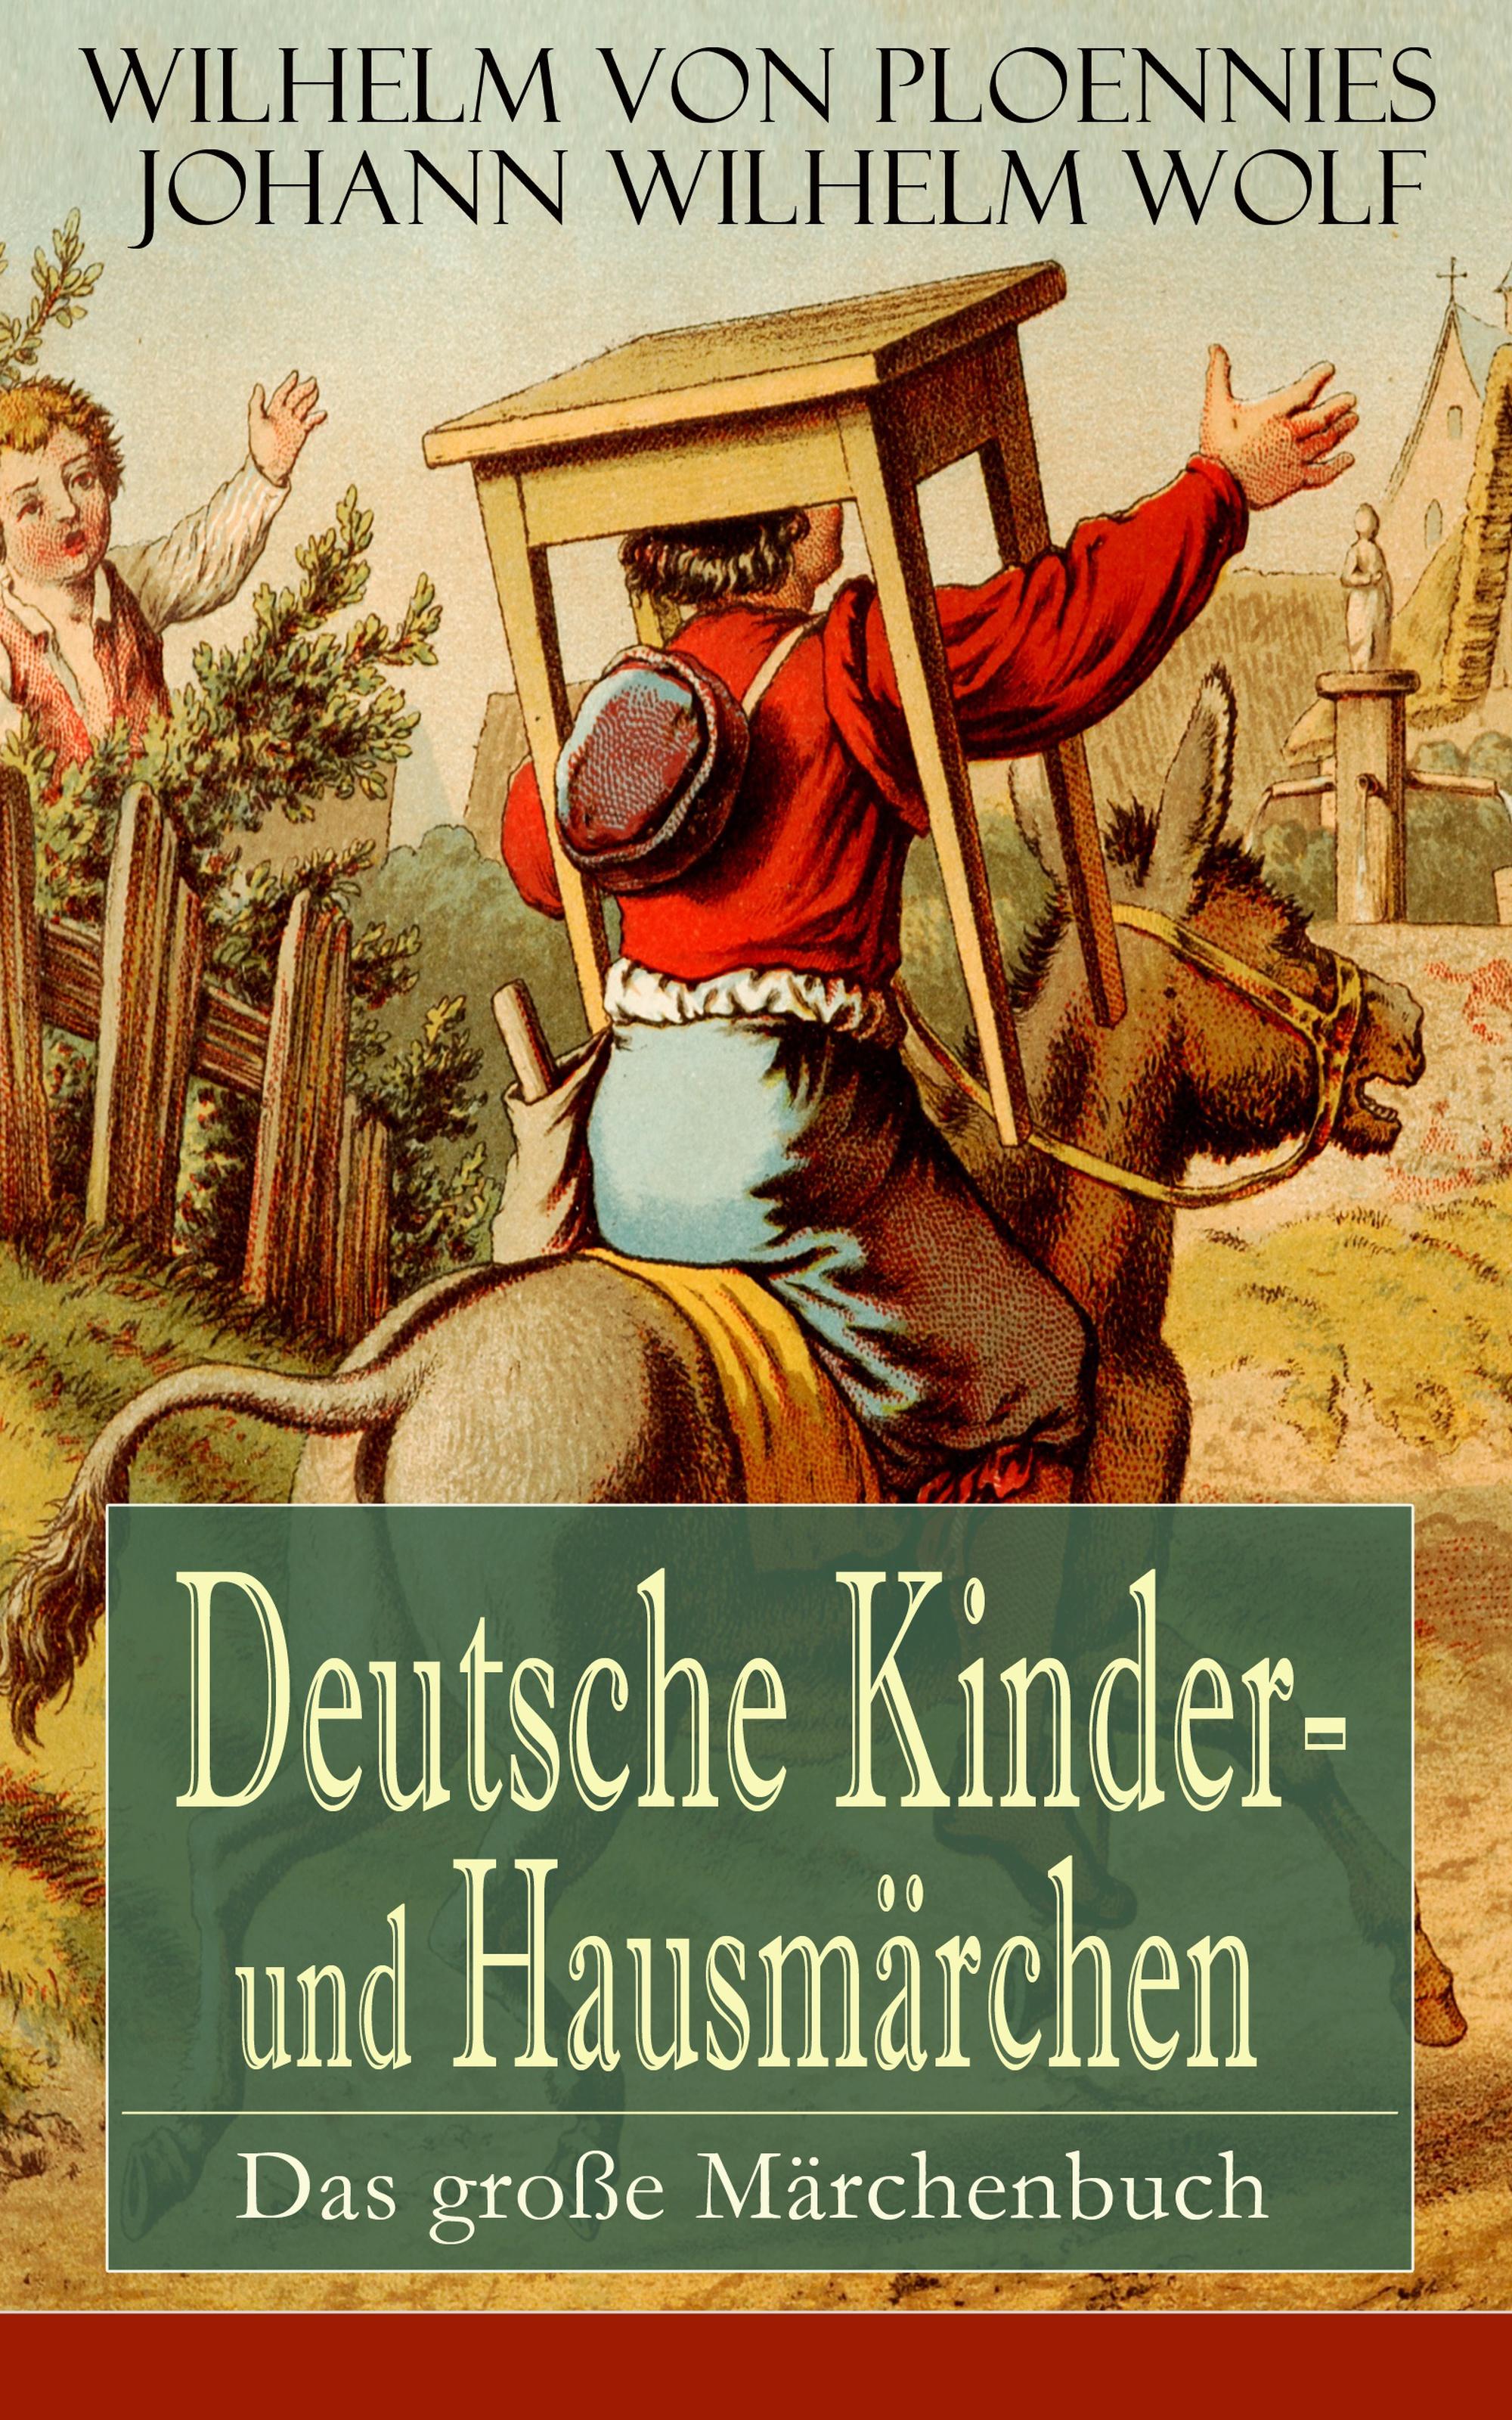 Johann Wilhelm Wolf Deutsche Kinder- und Hausmärchen: Das große Märchenbuch